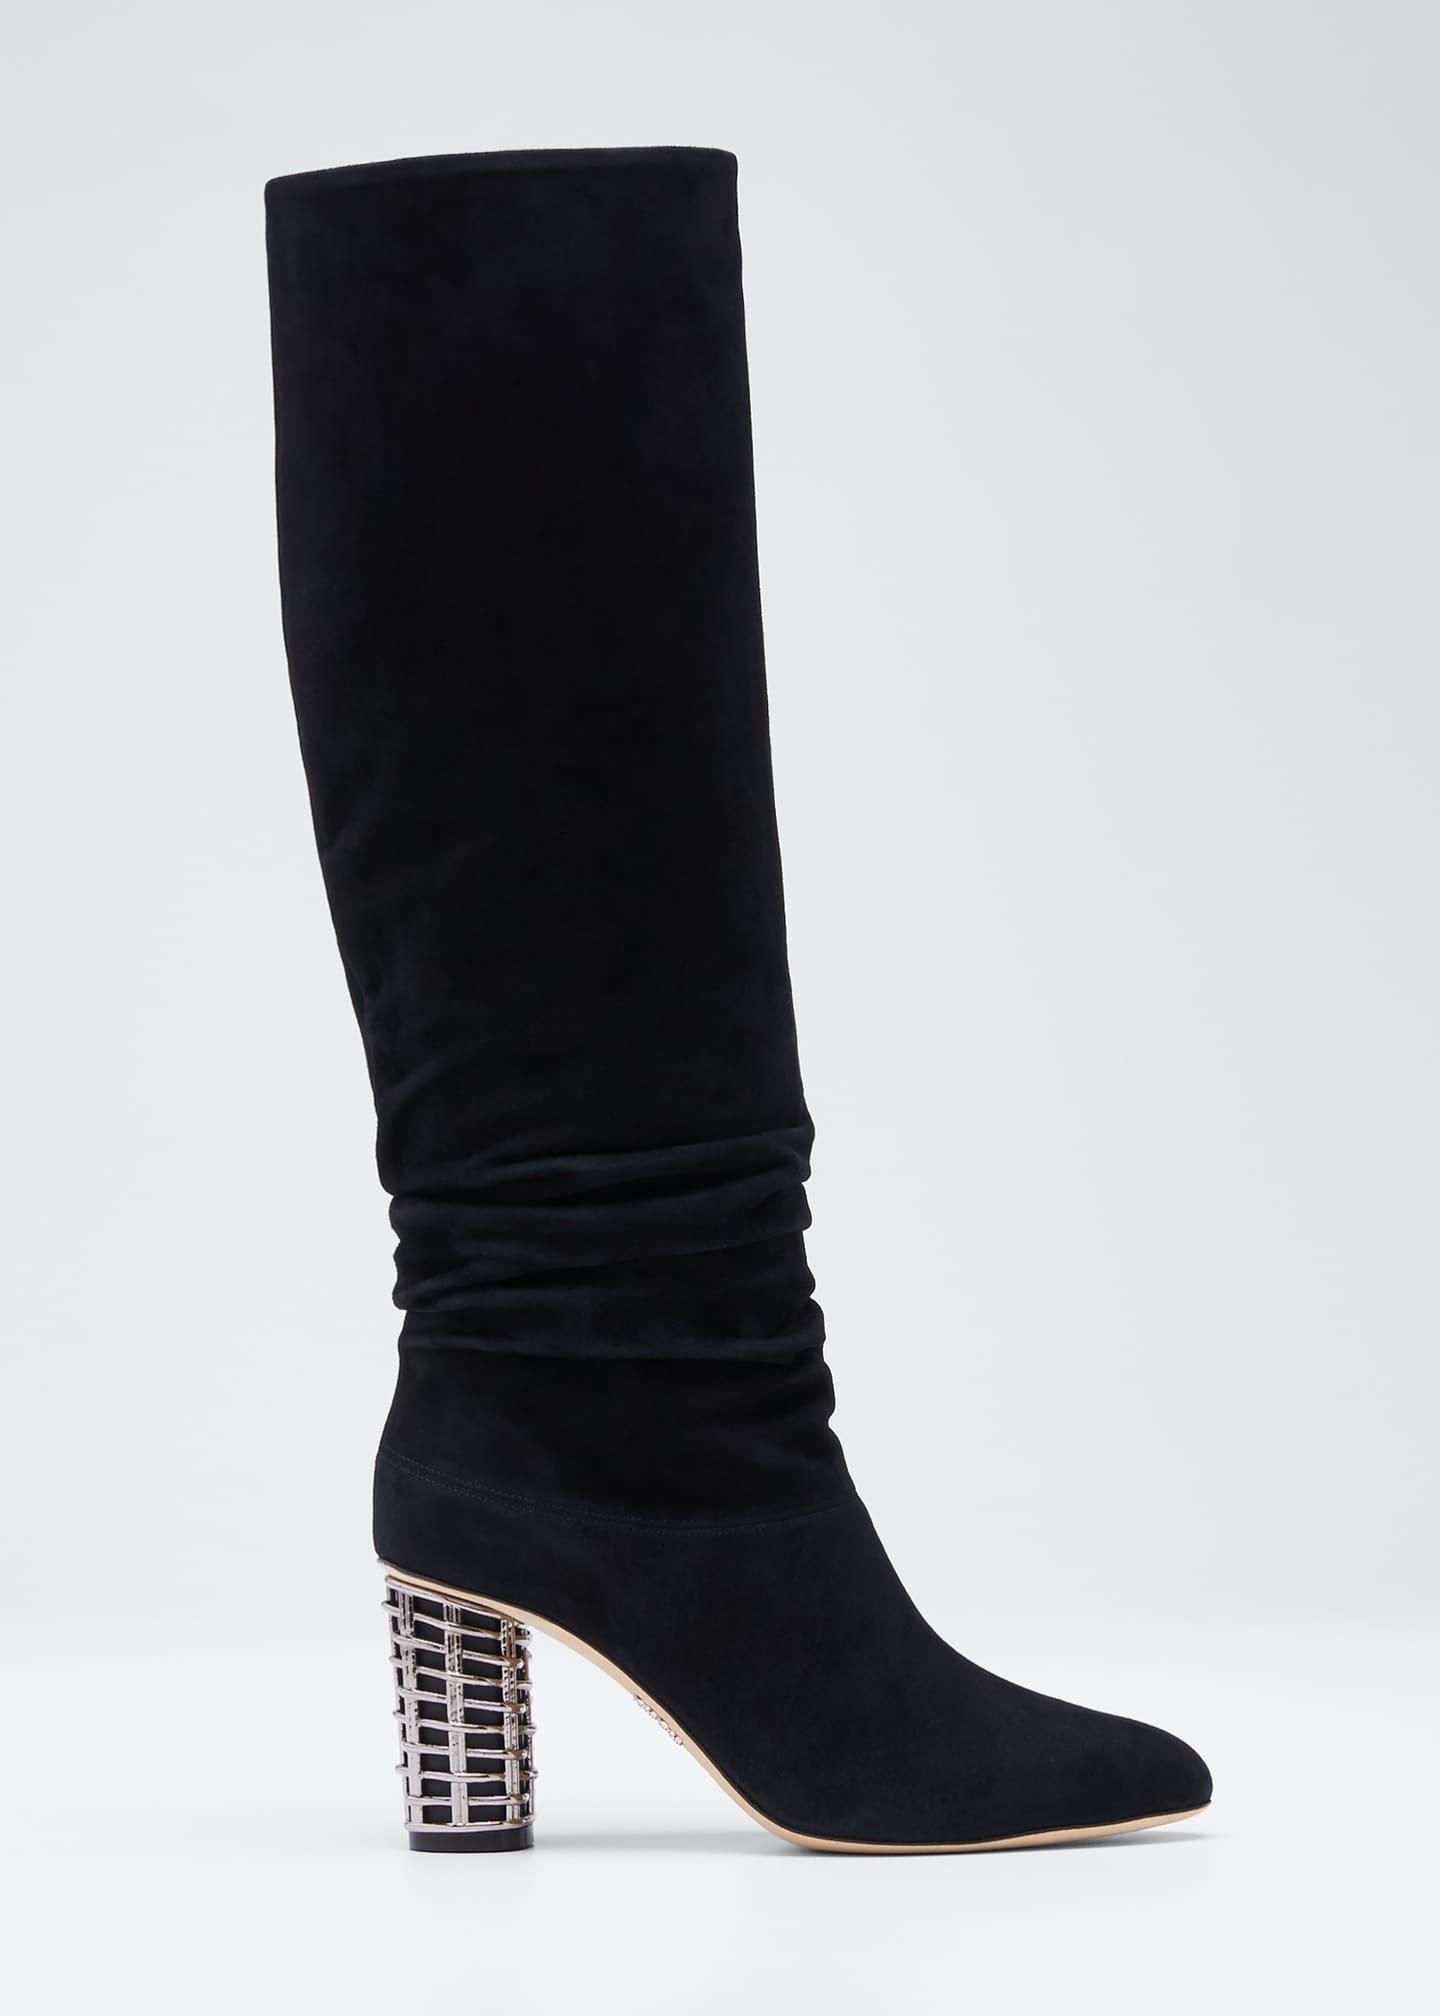 RODO Suede Knee Boots with Metal Weave Heel